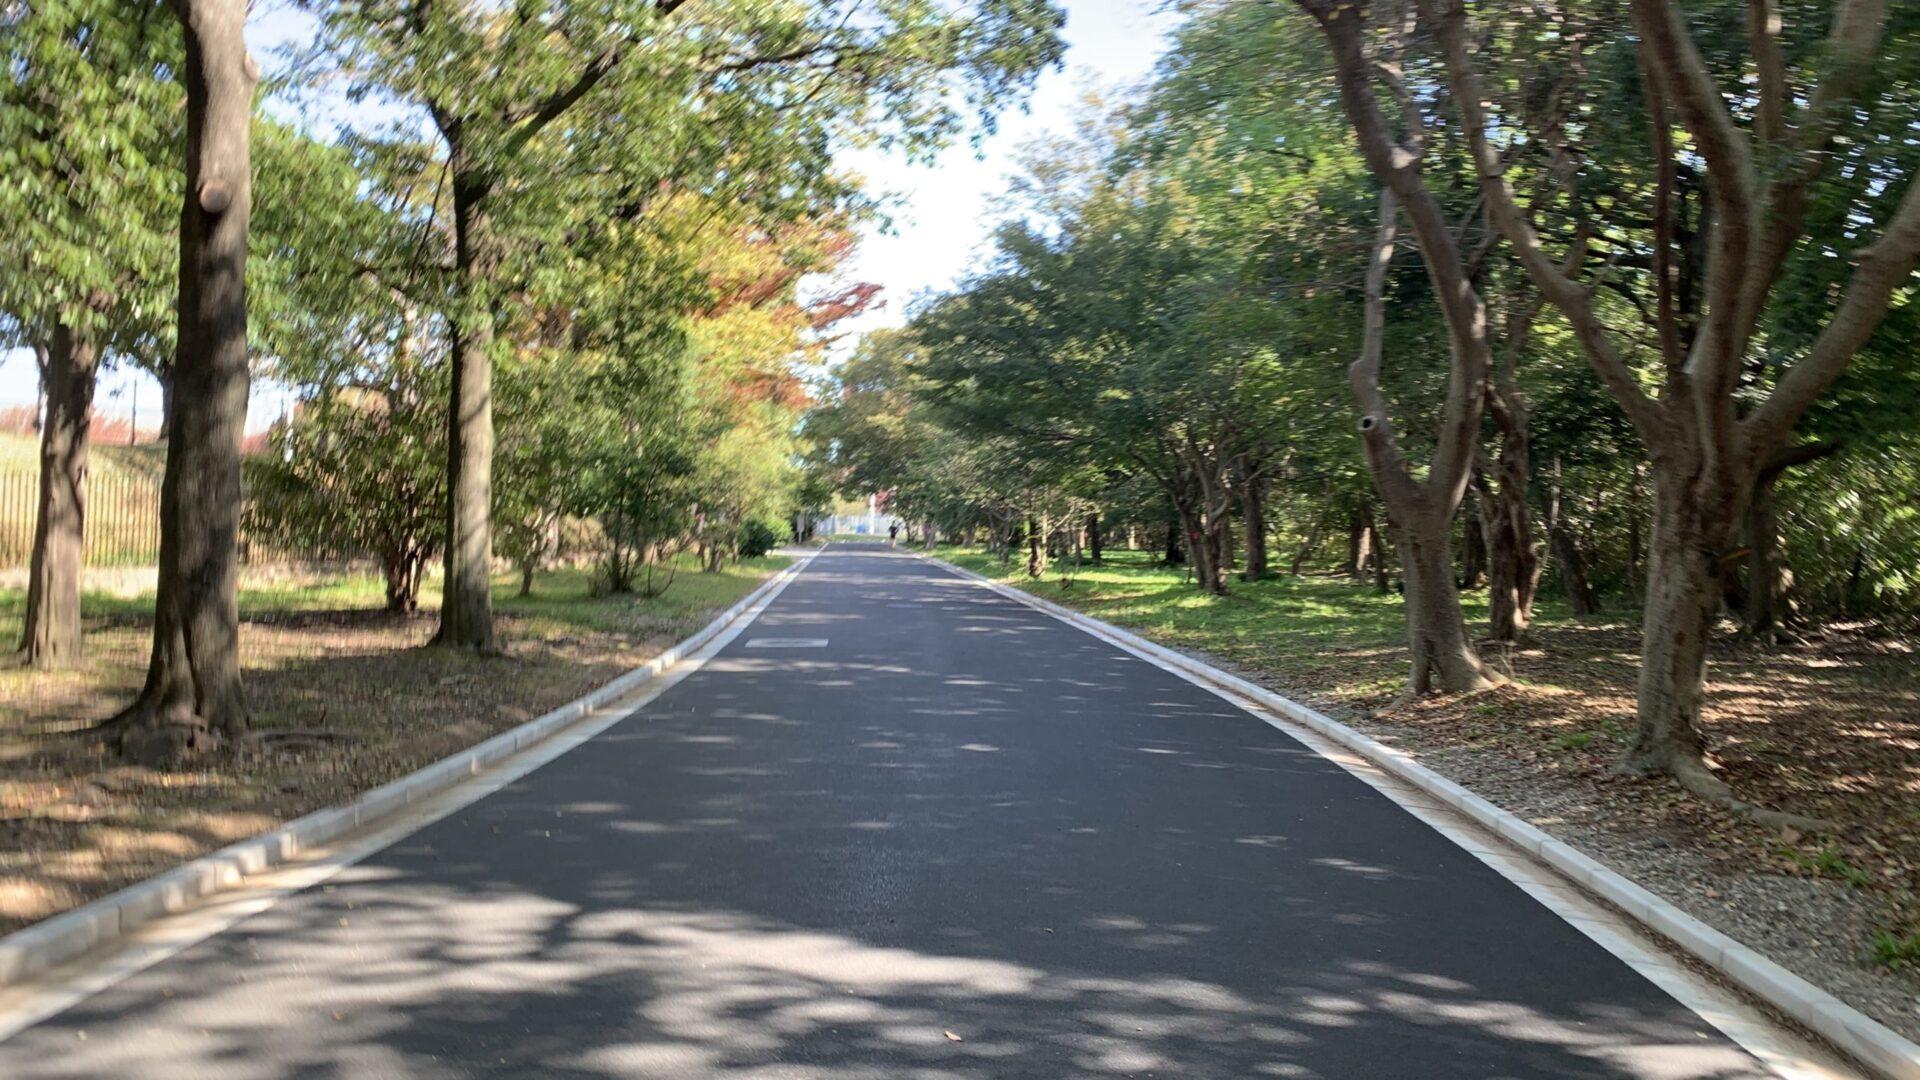 中央緑地42.195km走実施により10月の月間走行距離は400km超でフィニッシュ